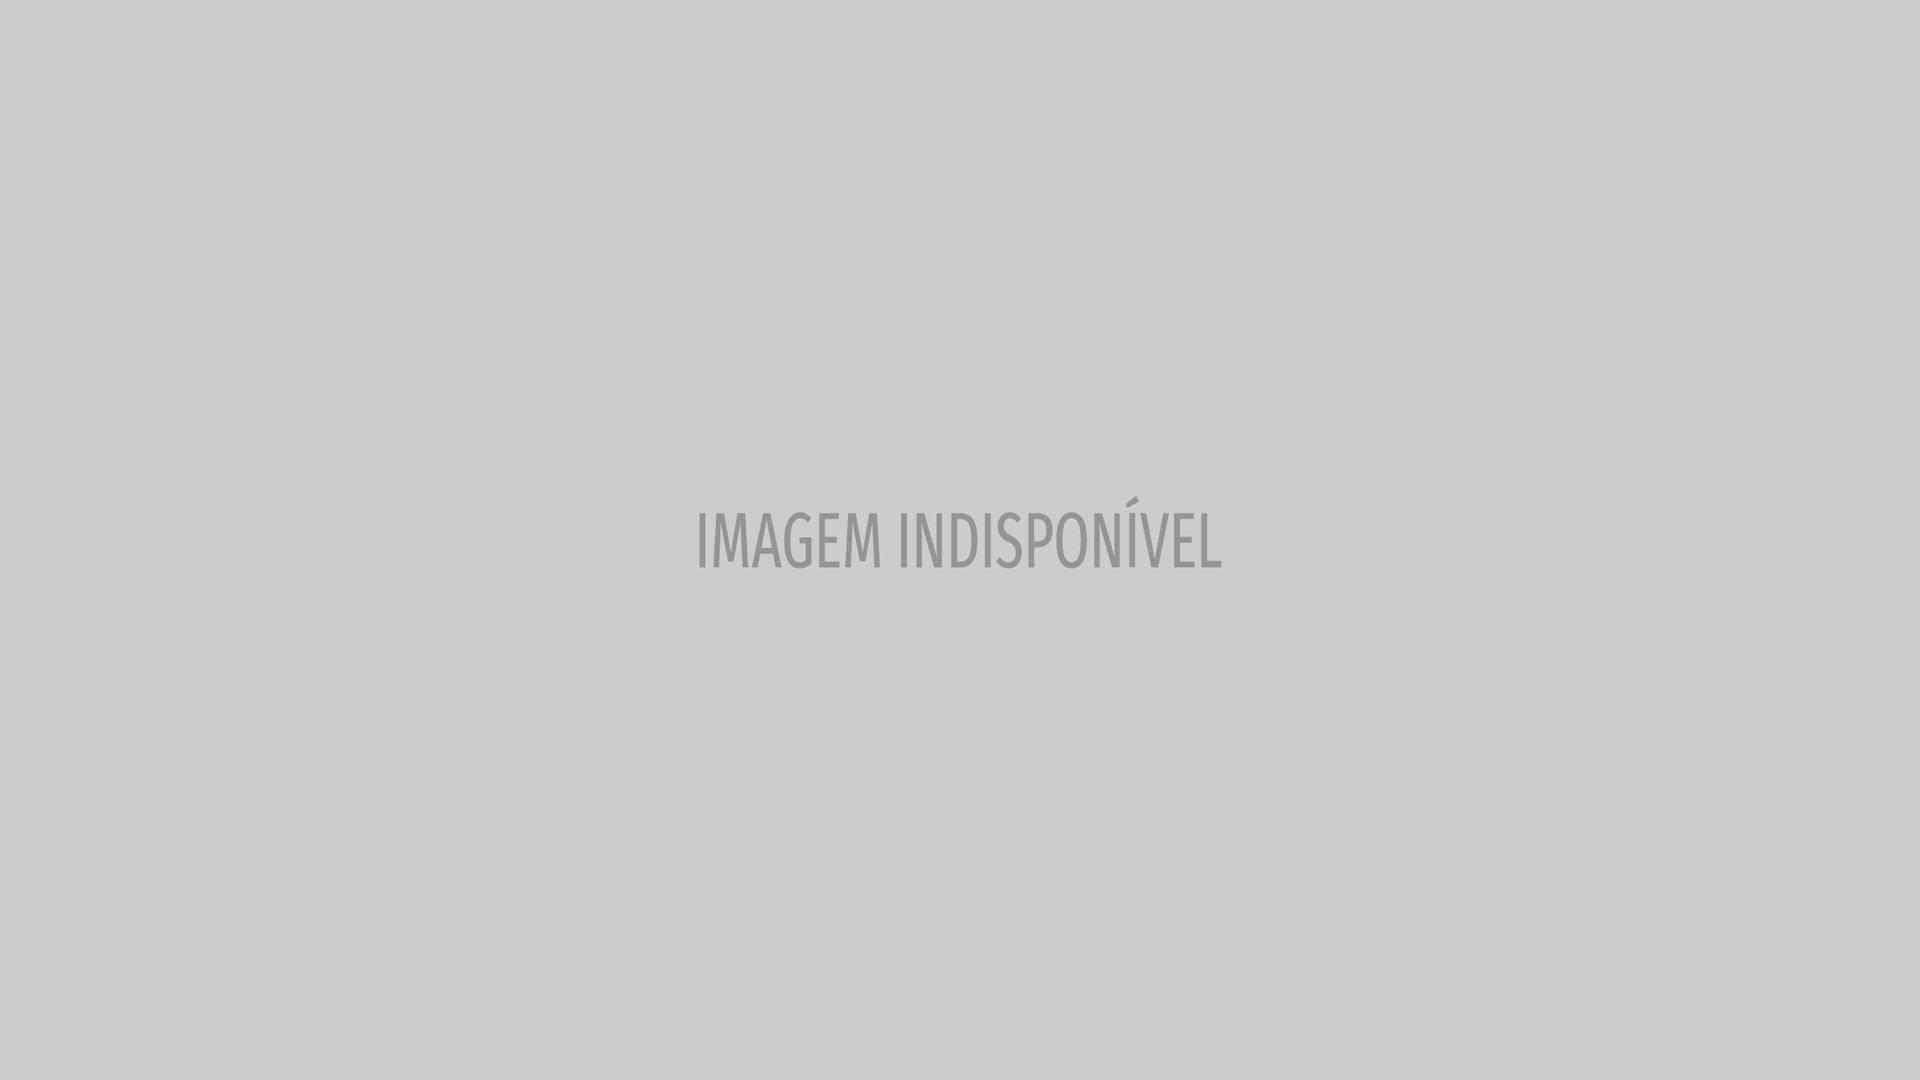 Anitta prepara nova música ao lado de Rita Ora e Sofía Reyes